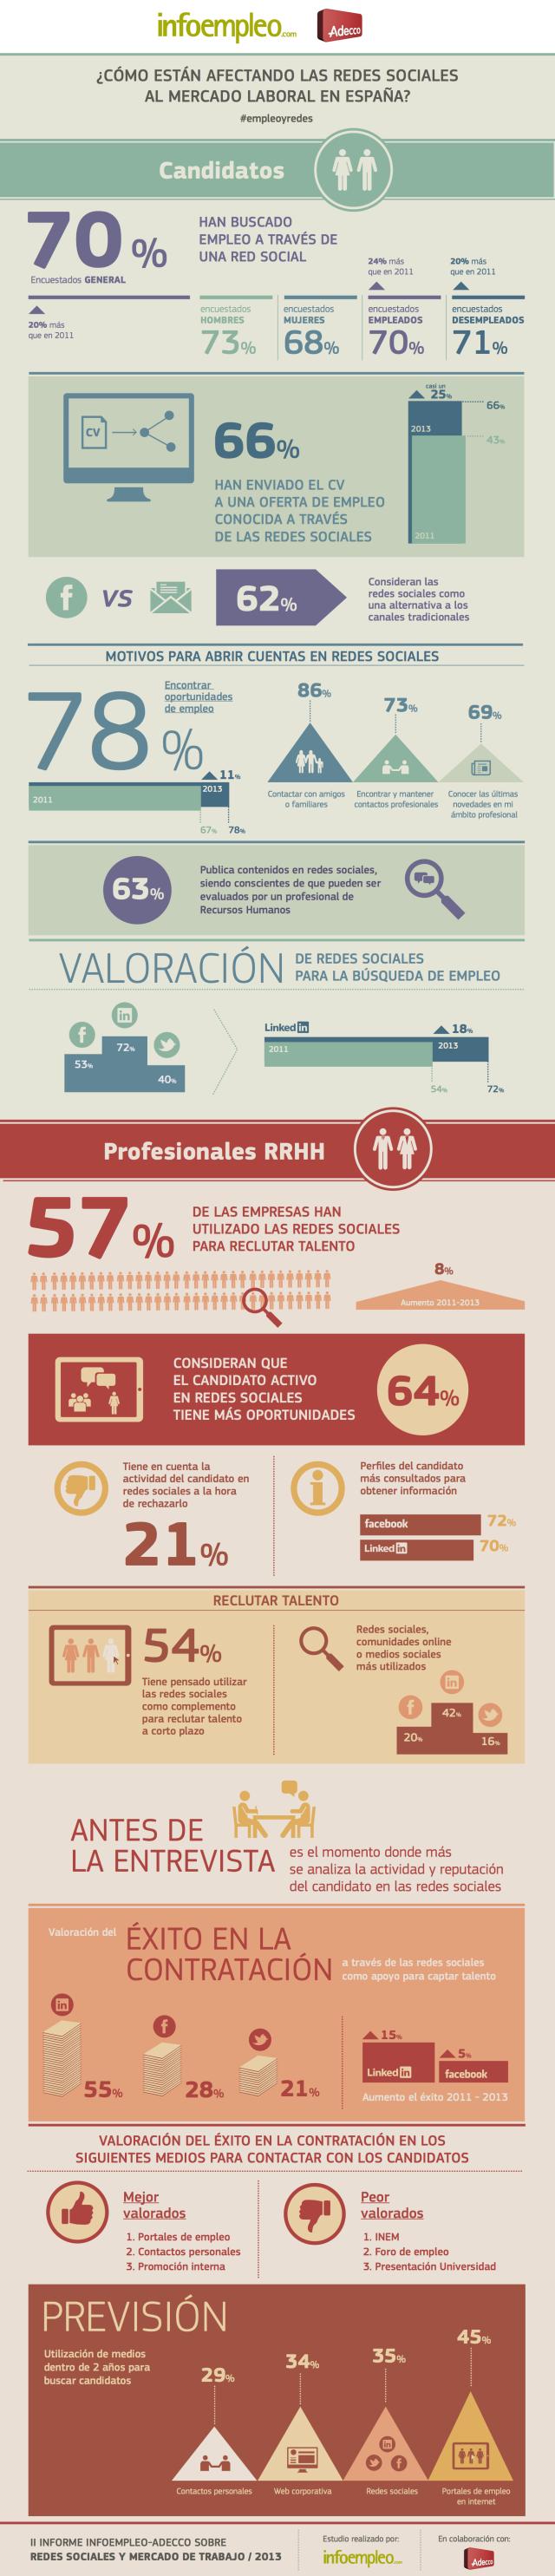 Las Redes Sociales Y La Búsqueda De Empleo Infografia Infographic Socialmedia Tics Y Formación Redes Sociales Busqueda De Empleo Infografia Salud